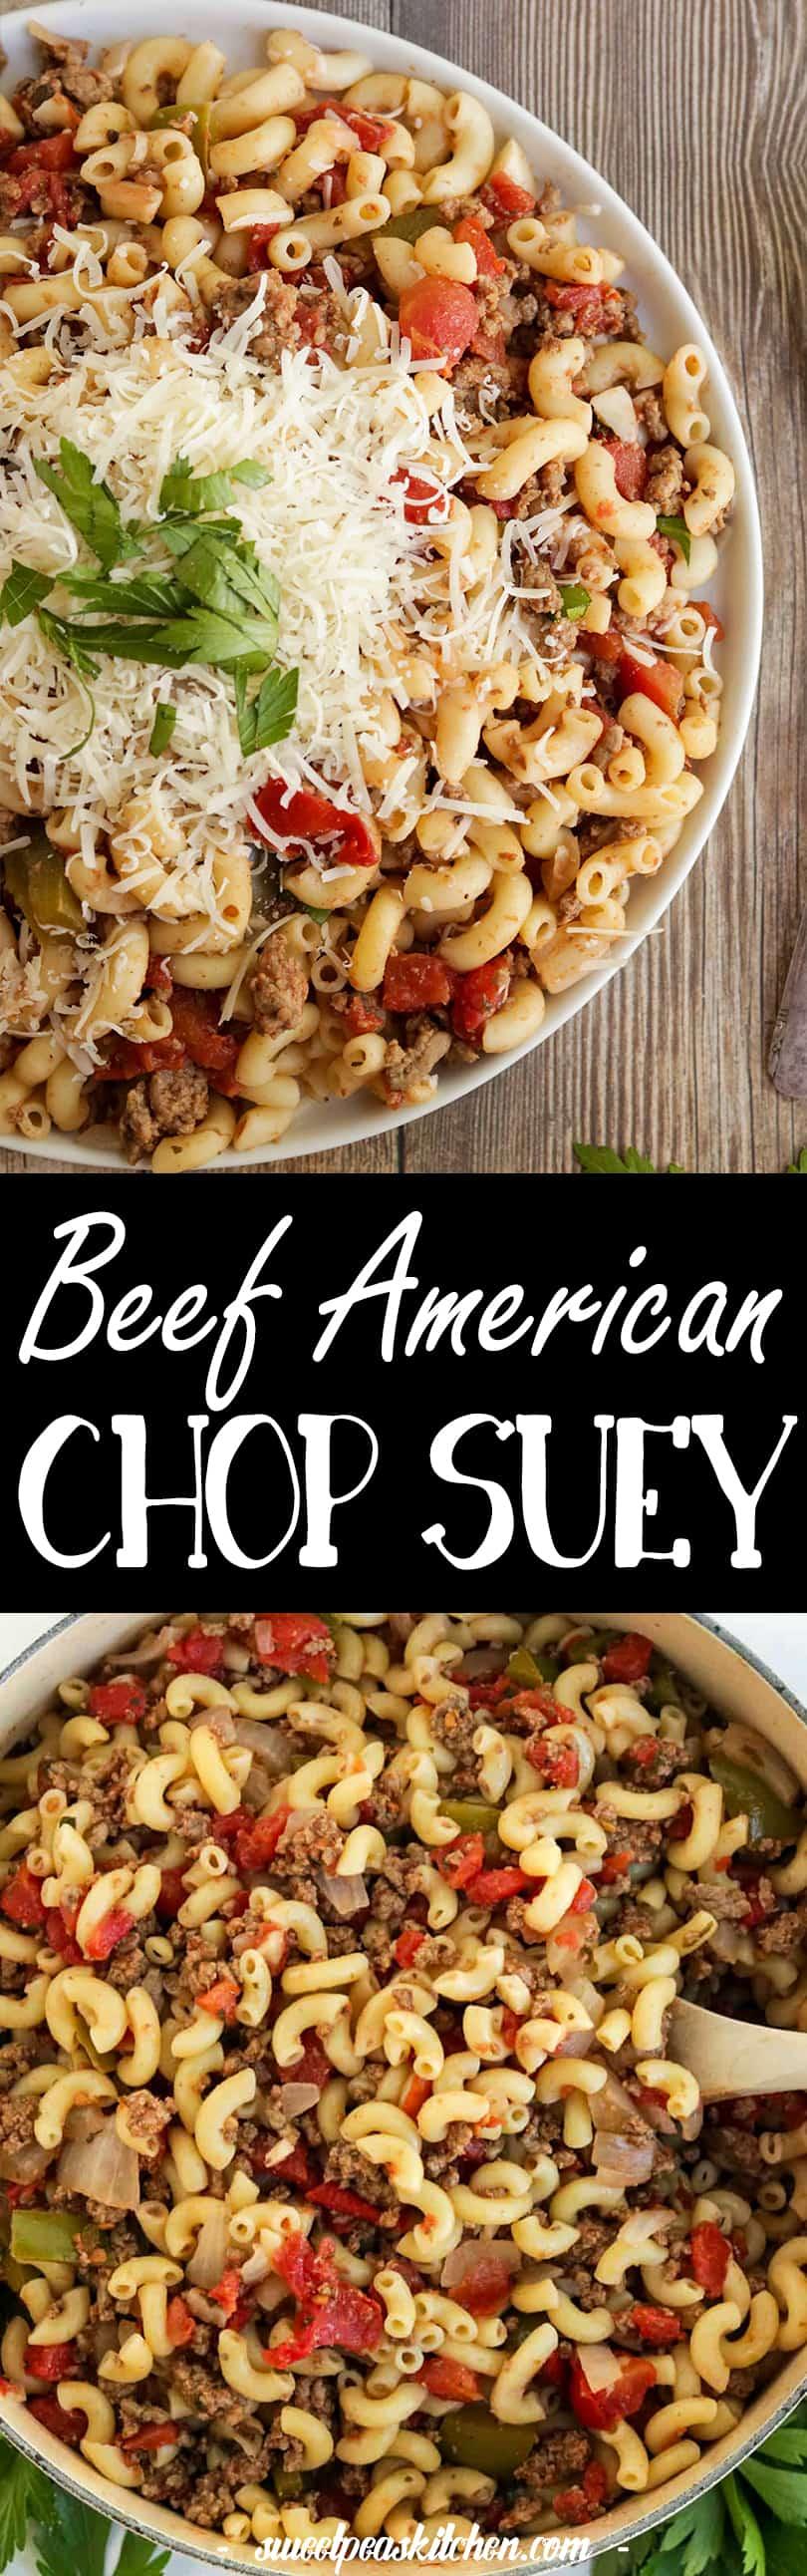 Beef American Chop Suey Recipe